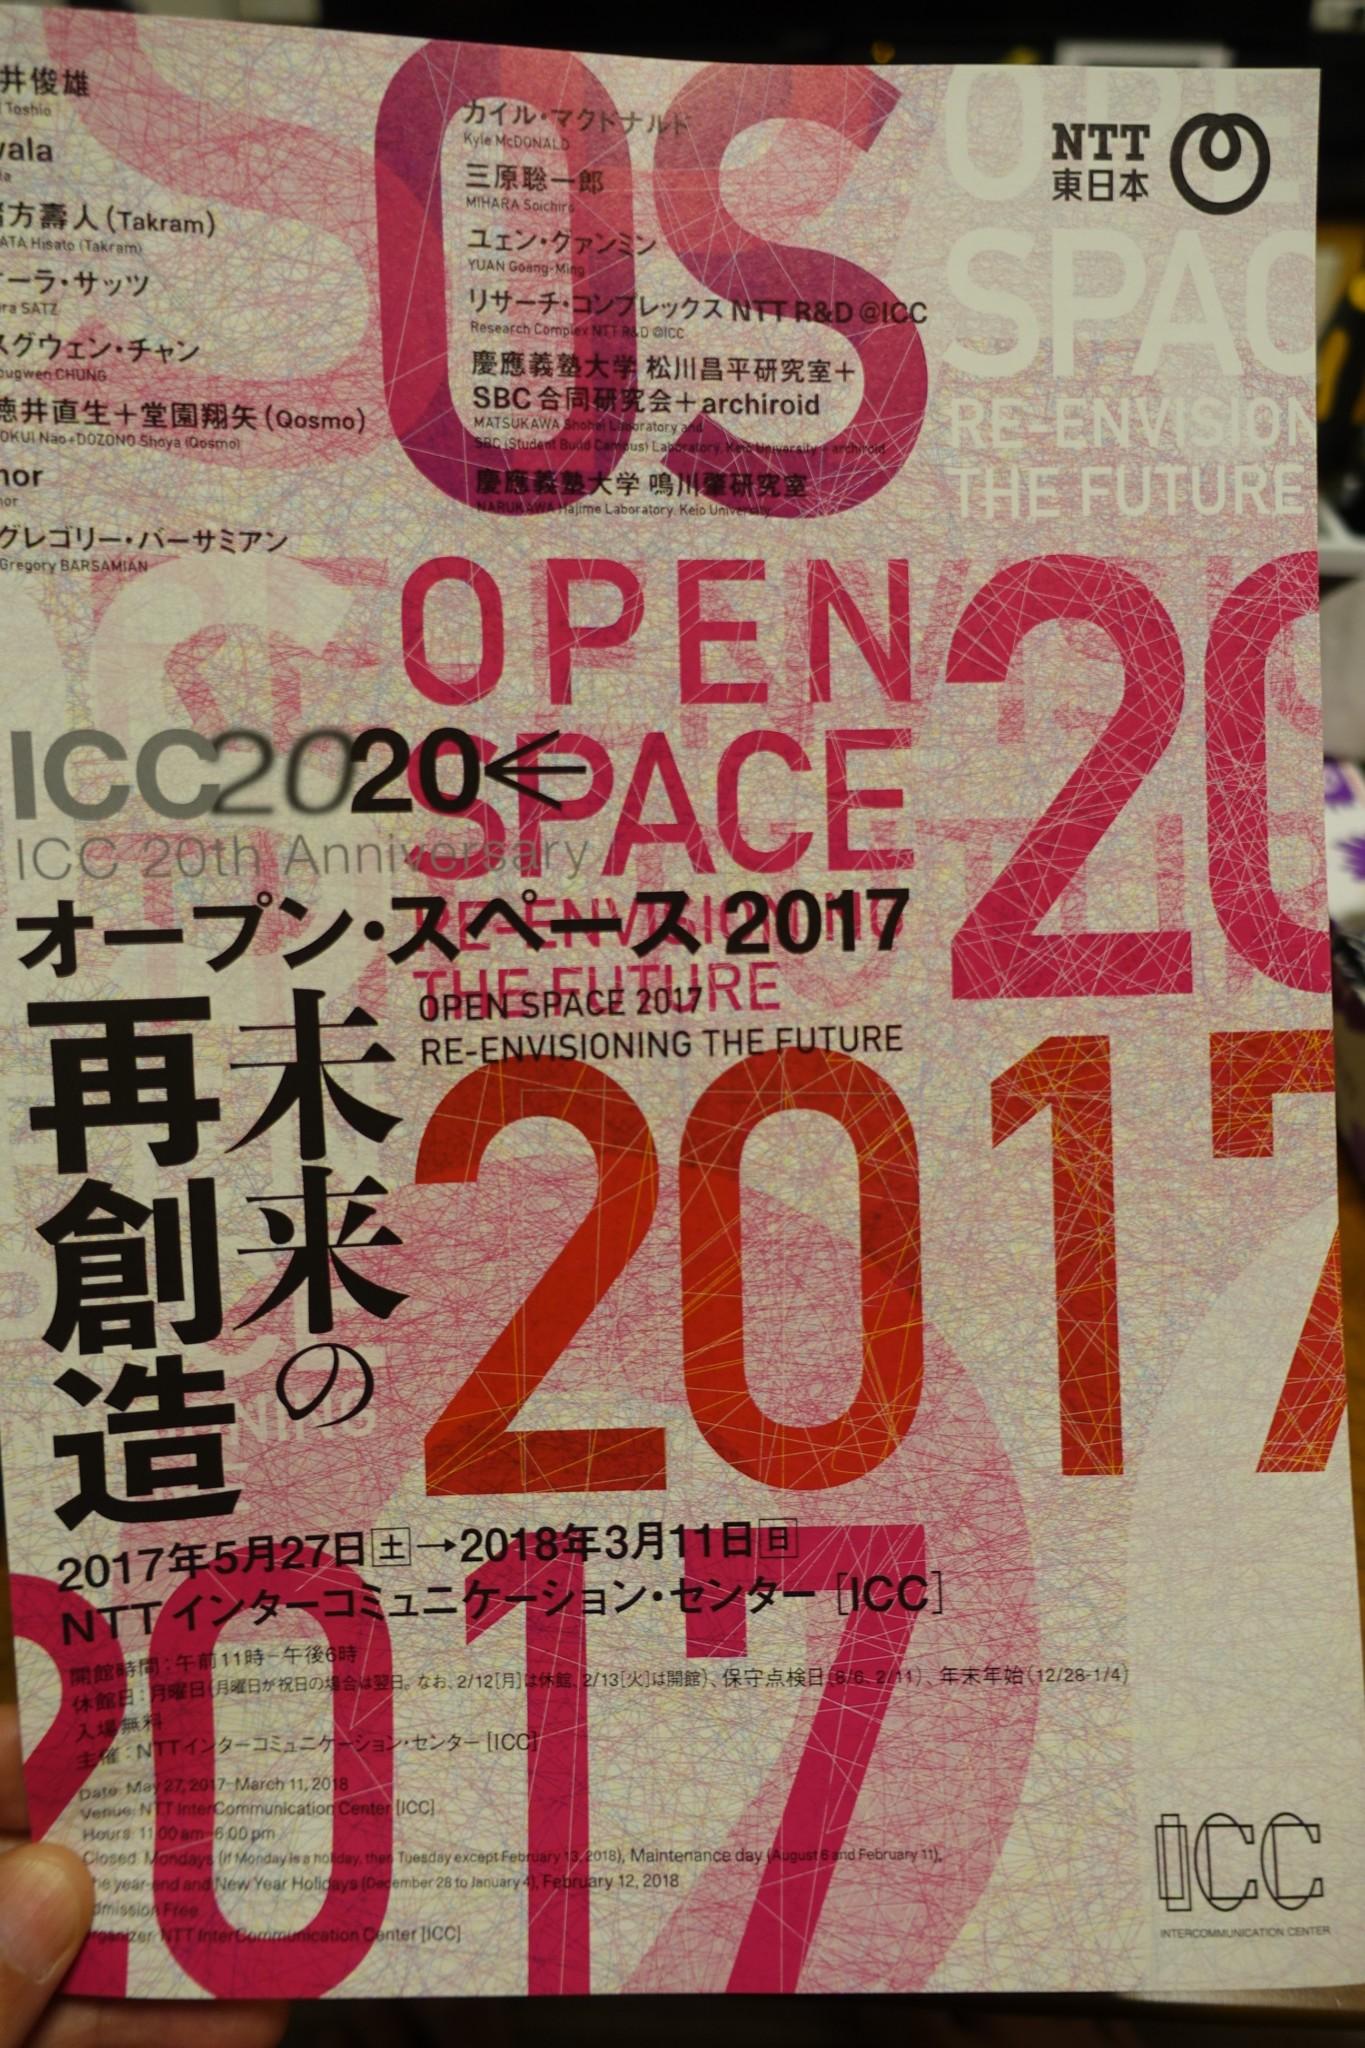 オープン・スペース 2017 未来の再創造